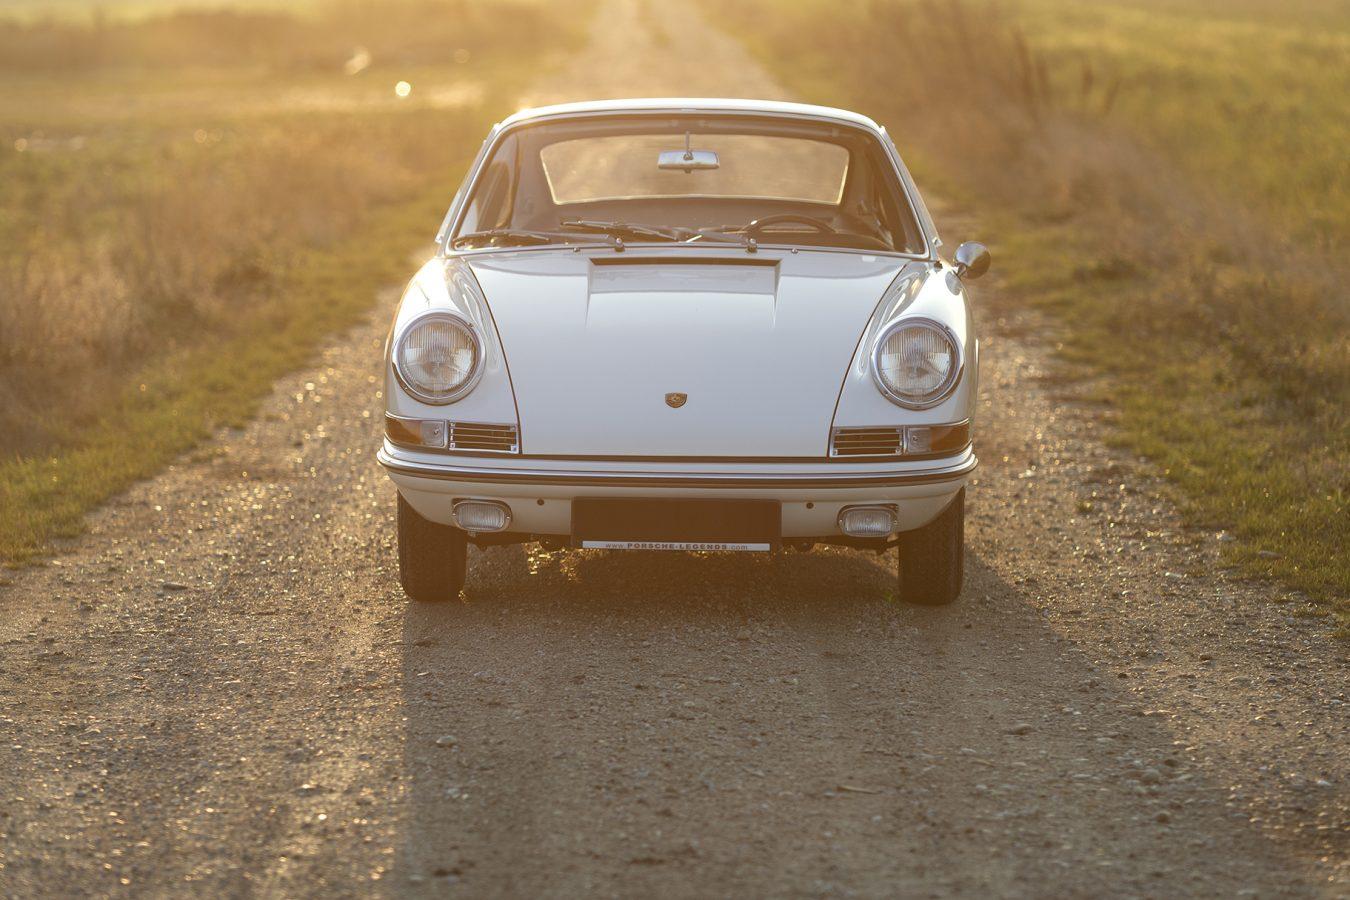 Weißer Porsche 911 auf Feldweg